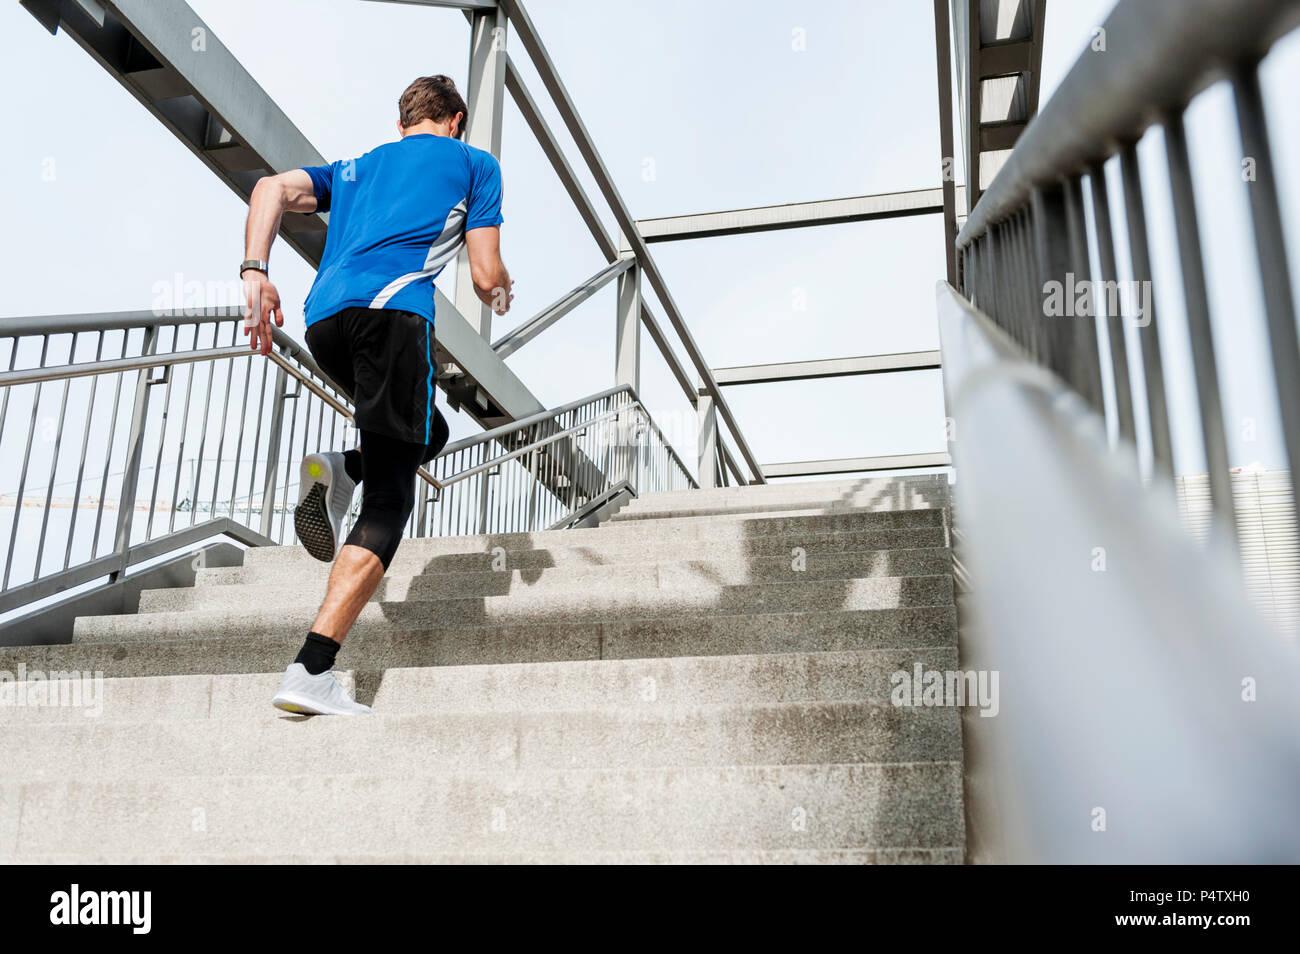 Hombre corriendo escaleras arriba Imagen De Stock